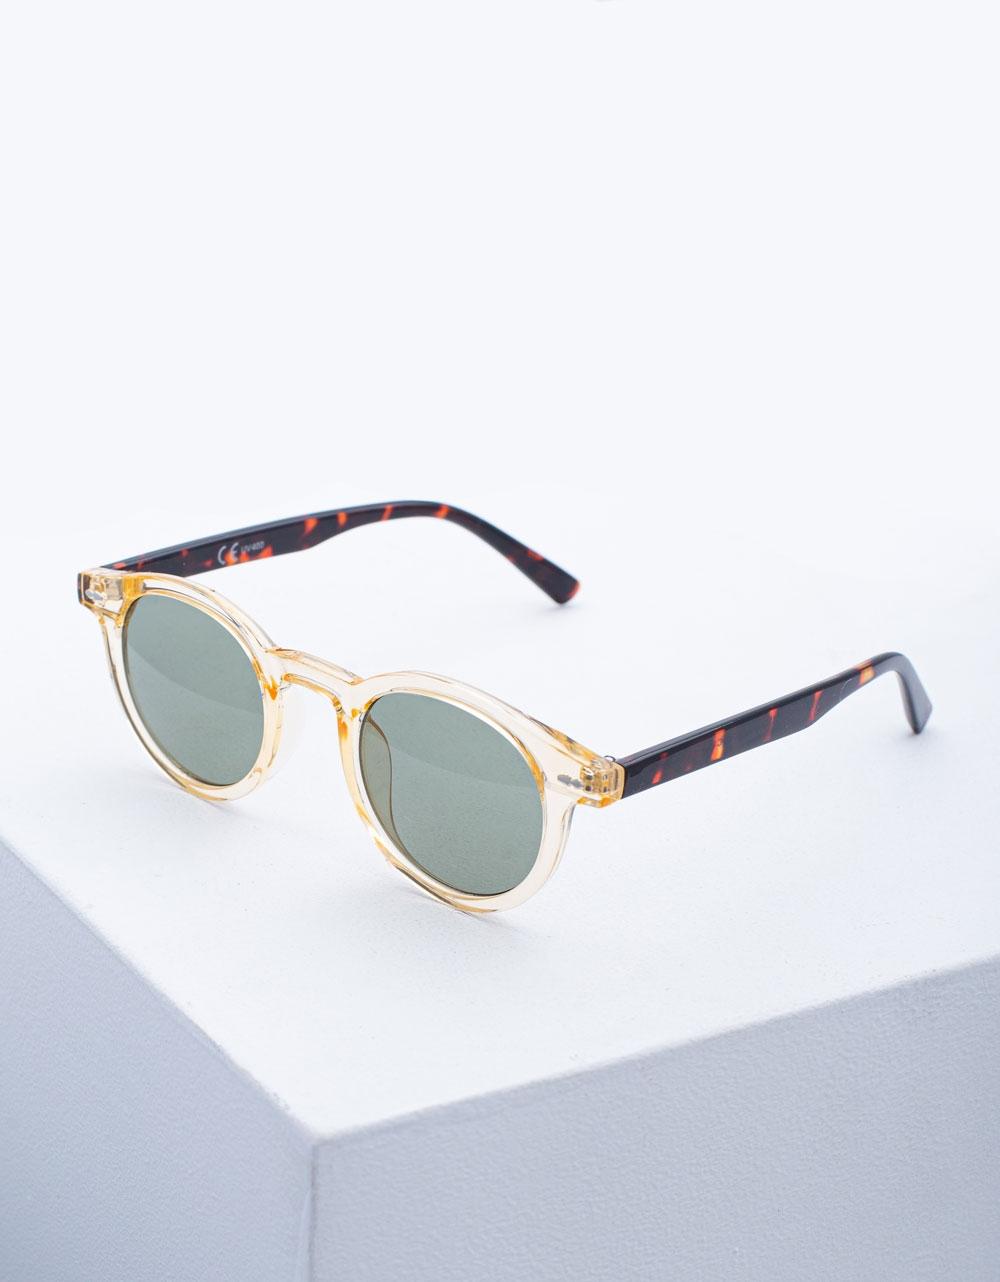 Εικόνα από Γυναικεία γυαλιά ηλίου σε στρογγυλό σχήμα Πράσινο